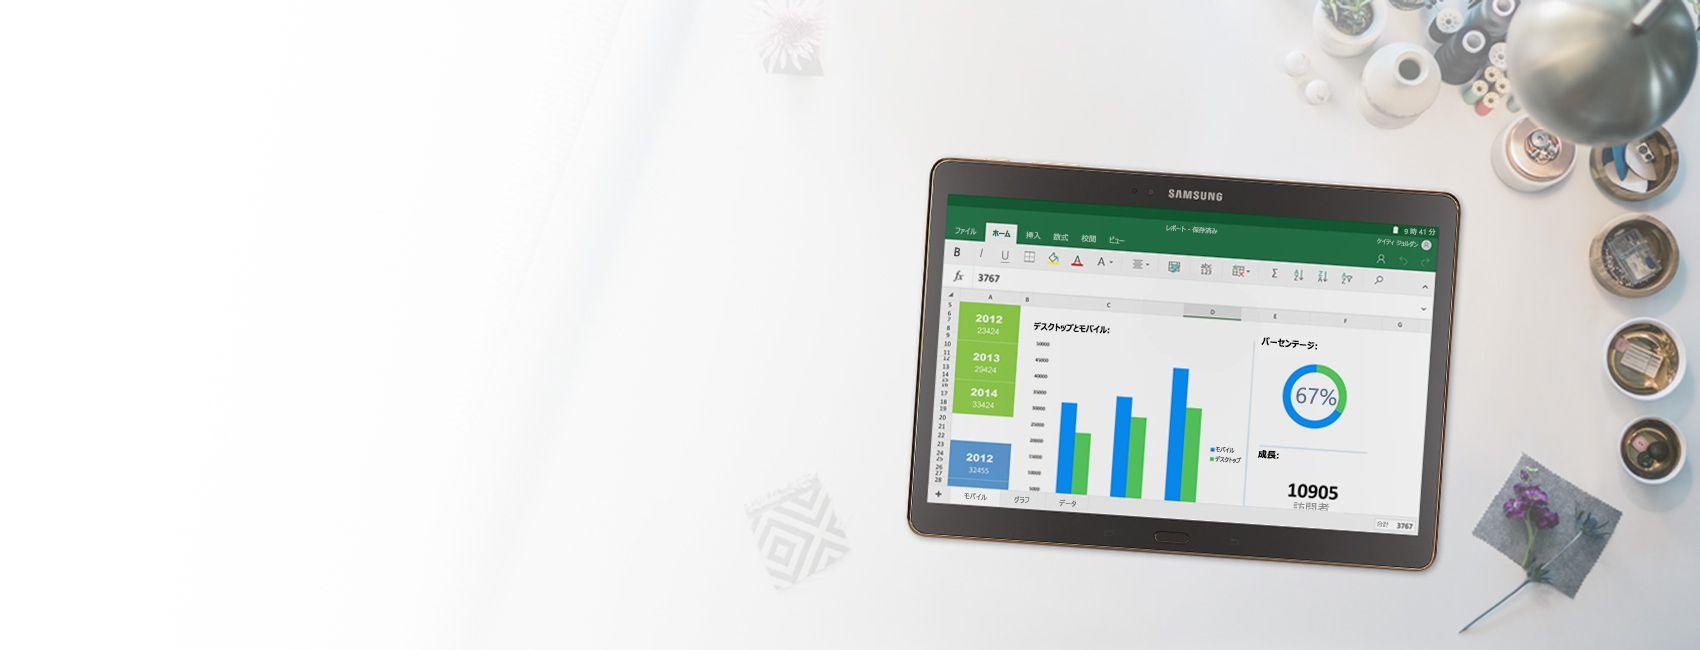 タブレットに Excel で作成したレポートのグラフが表示されています